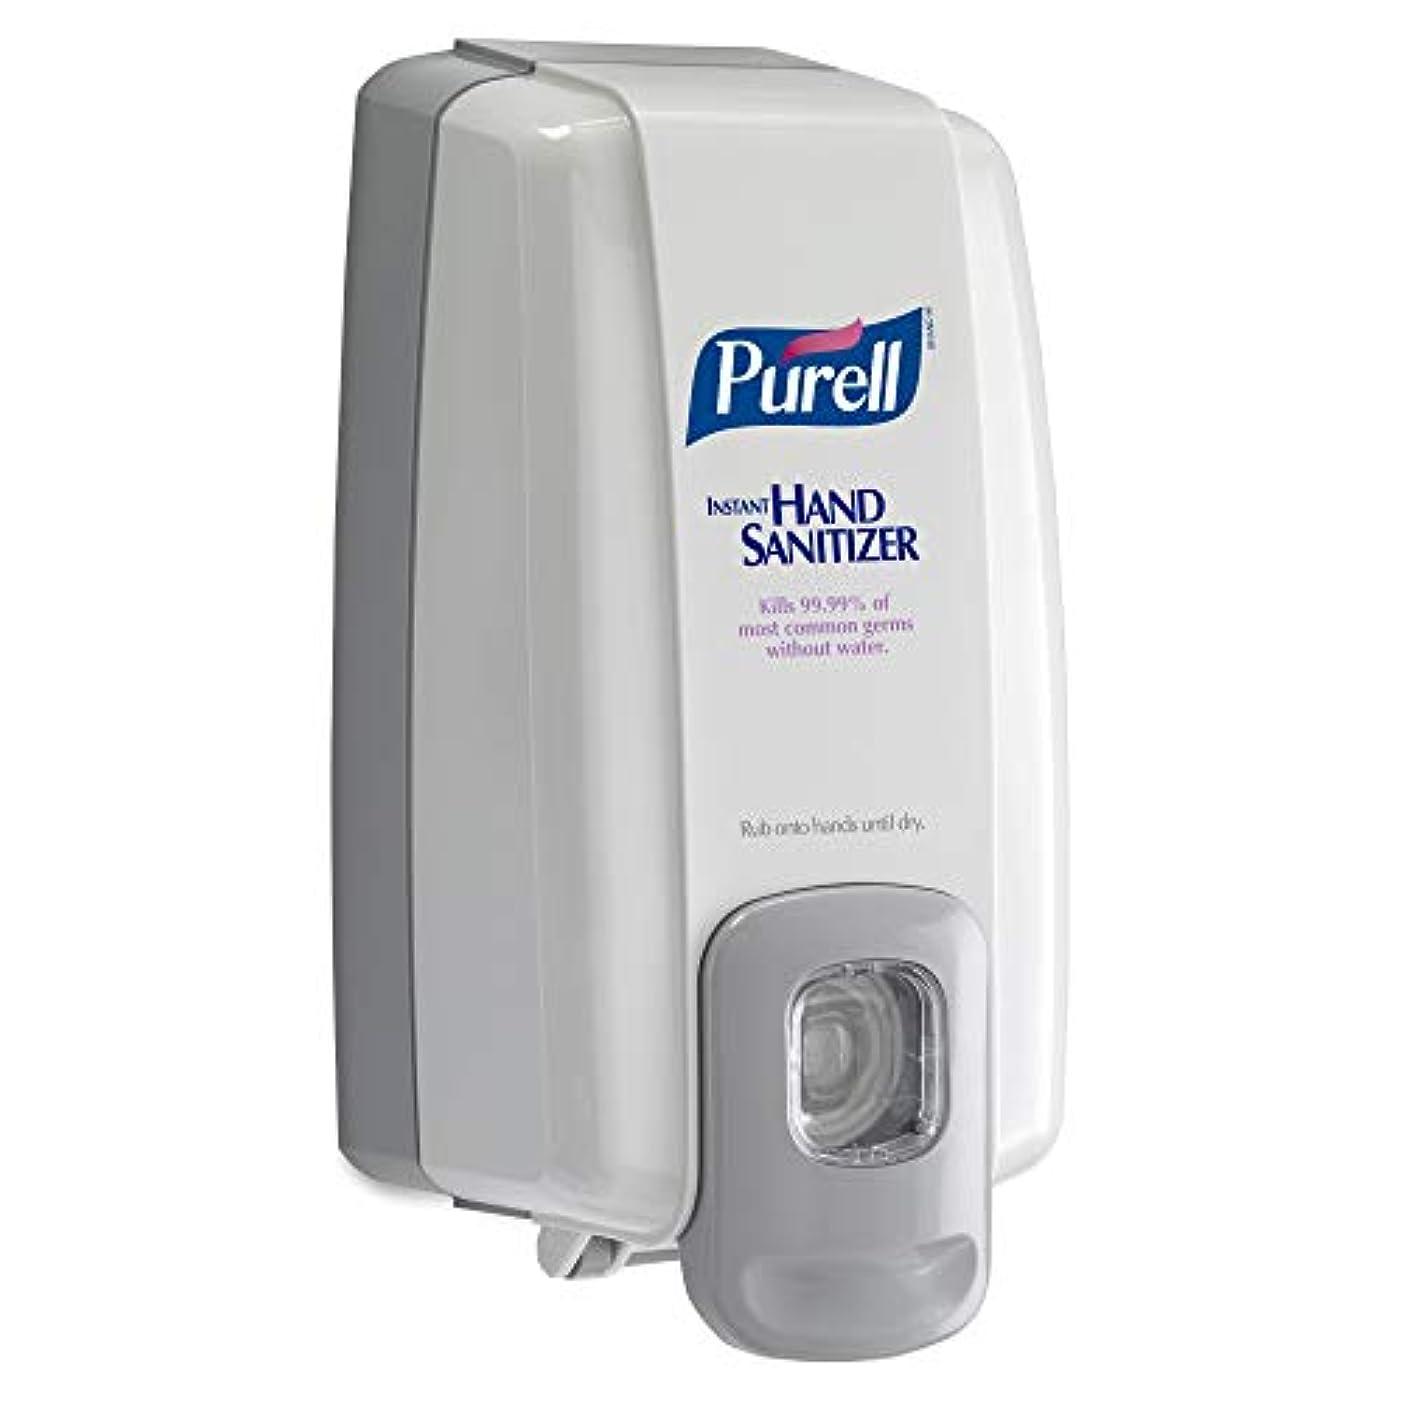 忘れる海岸船酔いNXT Instant Hand Sanitizer Dispenser, 1000ml, 5-1/8w x 4d x 10h, WE/Gray (並行輸入品)